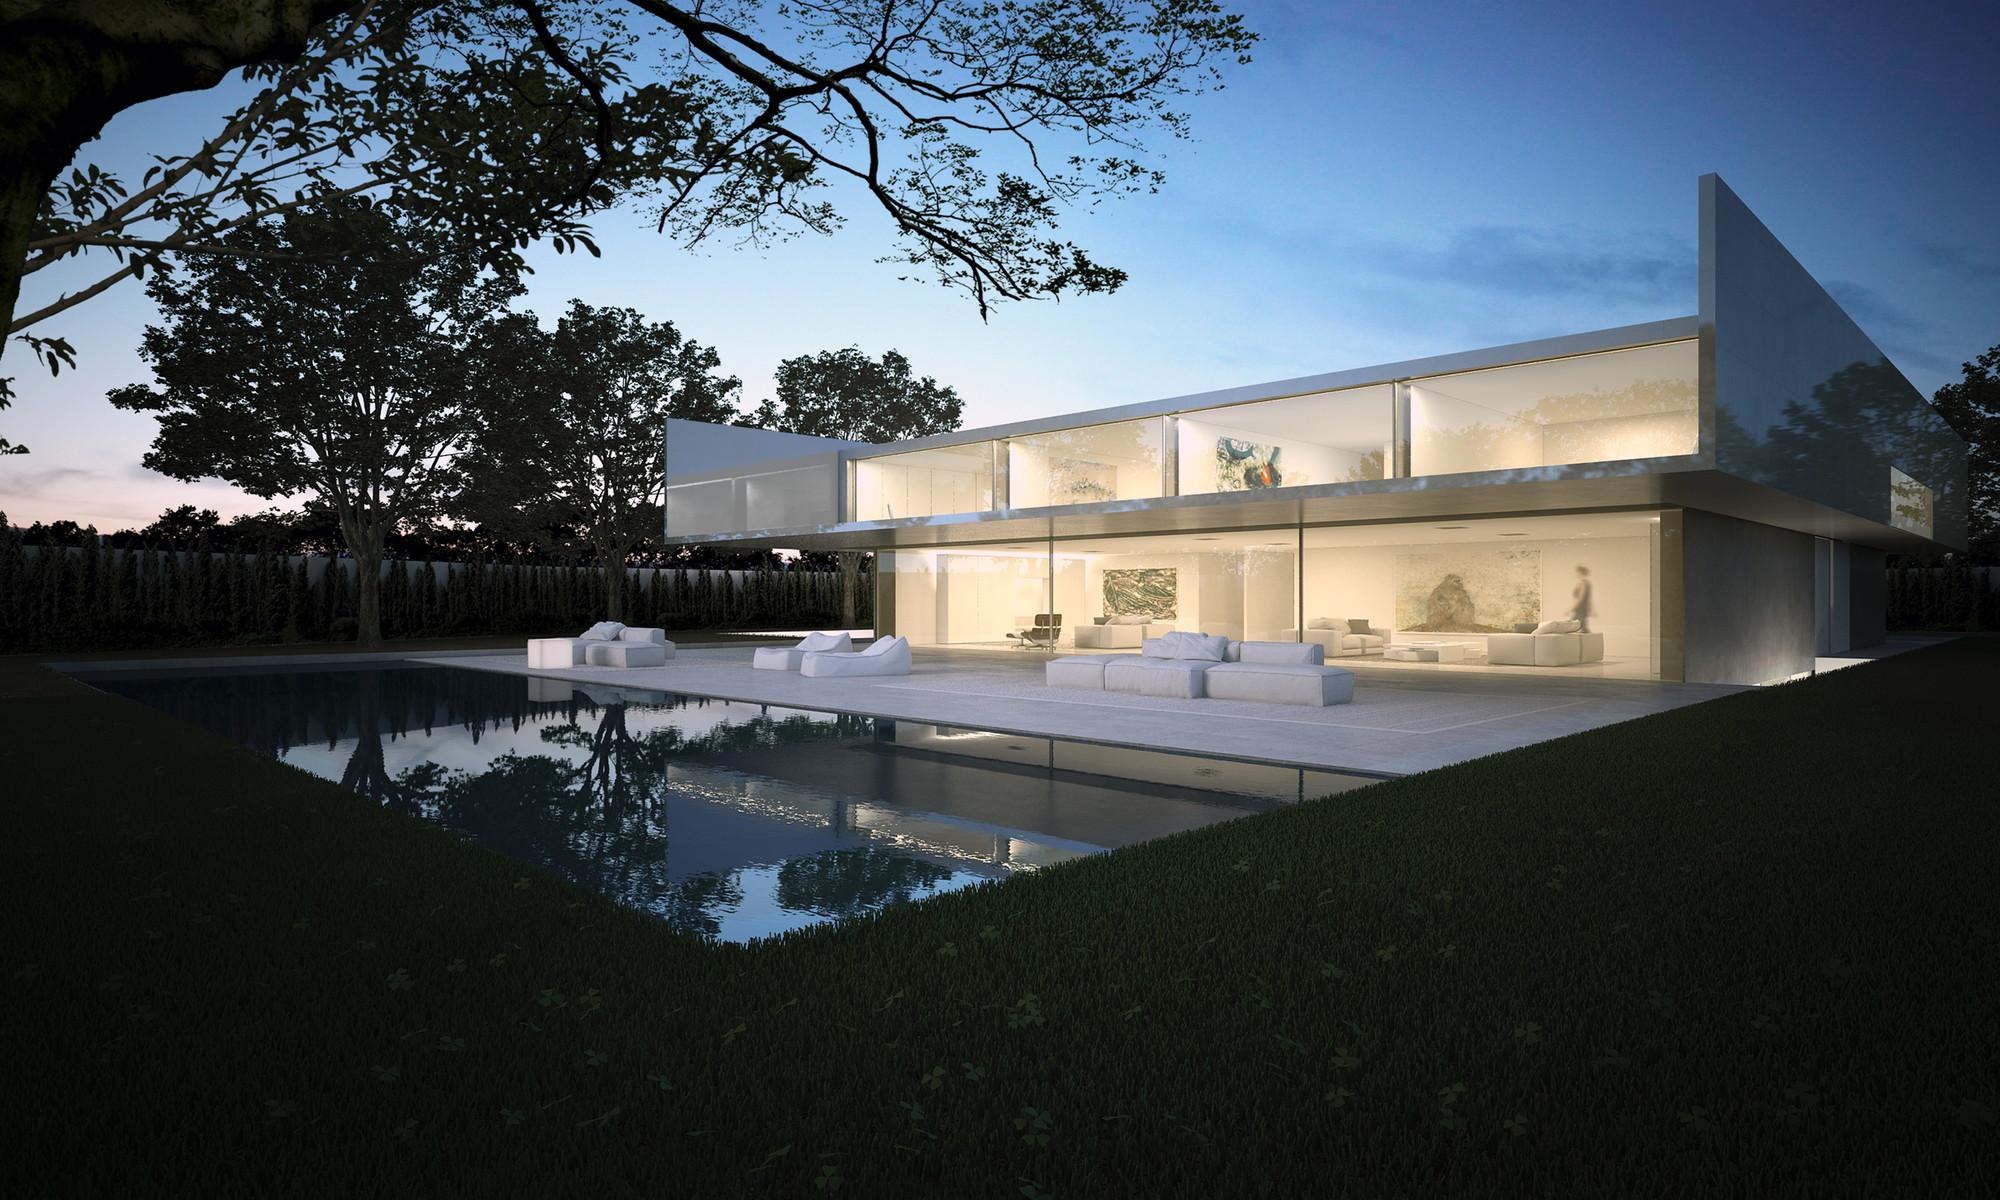 En construcción: Casa De Aluminio / Fran Silvestre Arquitectos, Cortesia de Fran Silvestre Arquitectos